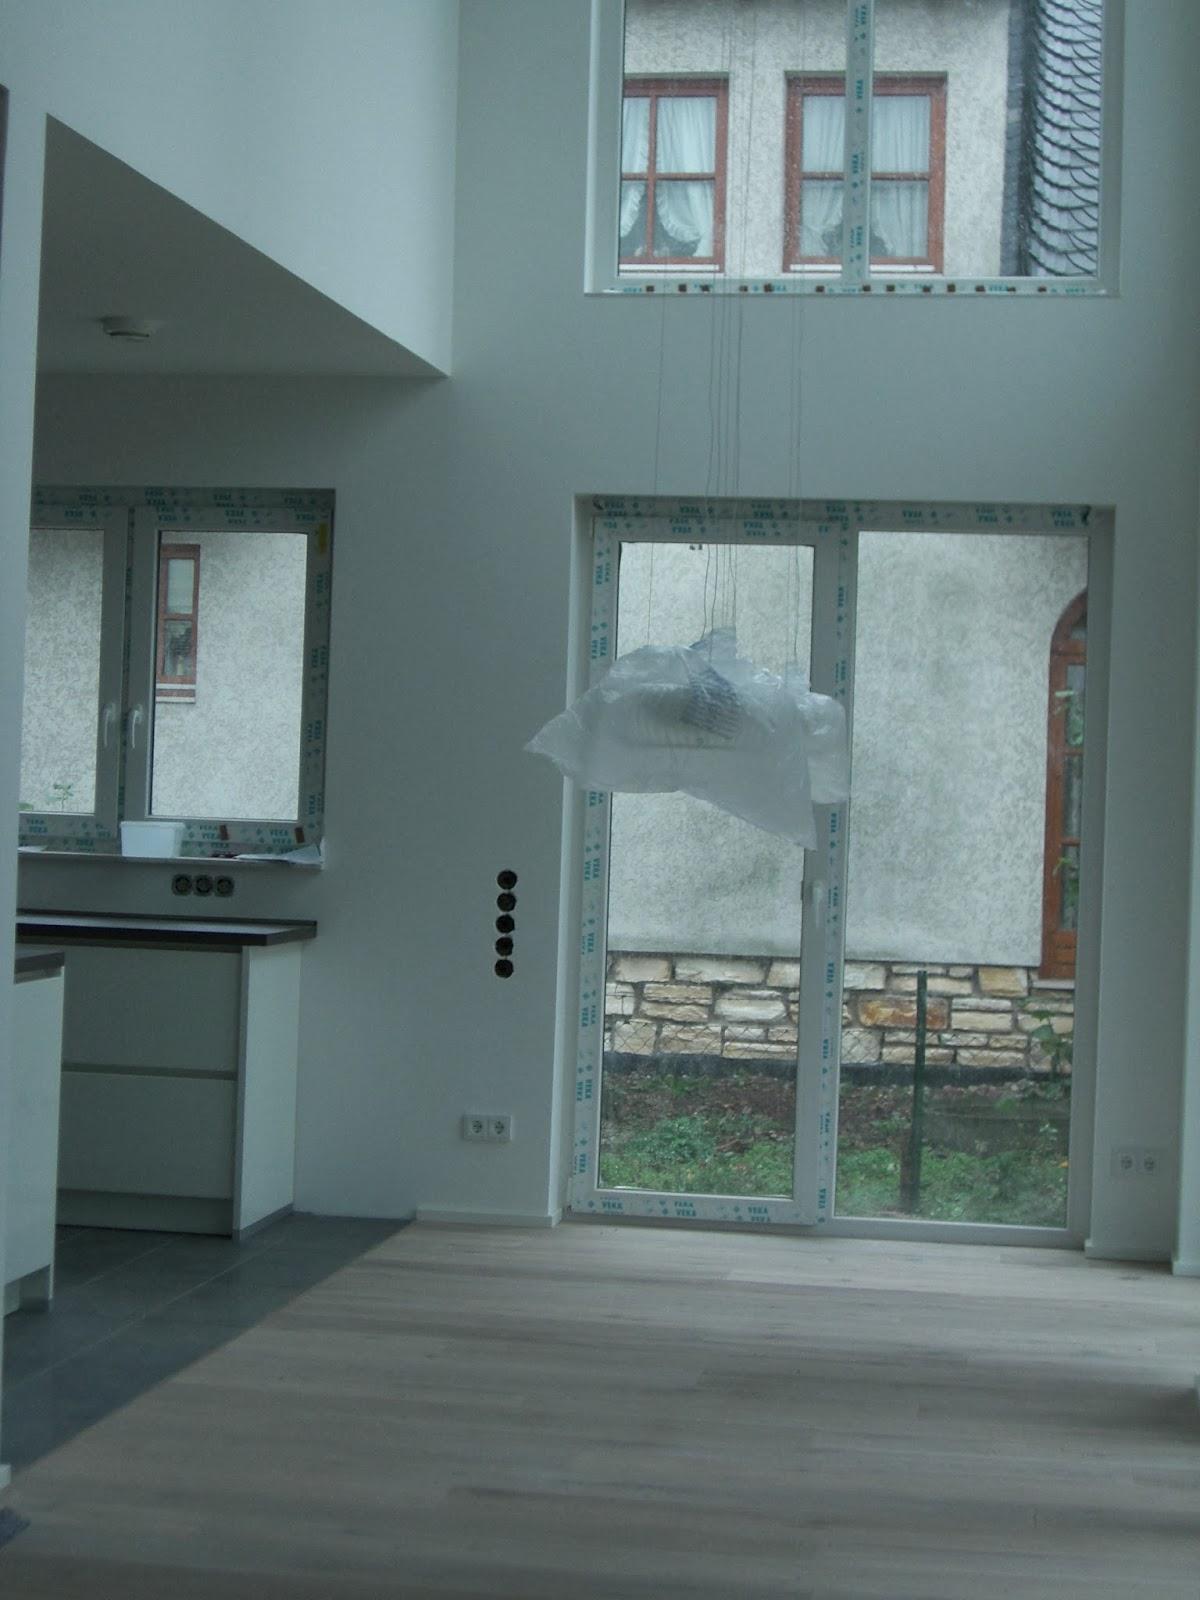 Baubericht Dachstrift: Elektroinstallation - Dosen, Schalter und Licht